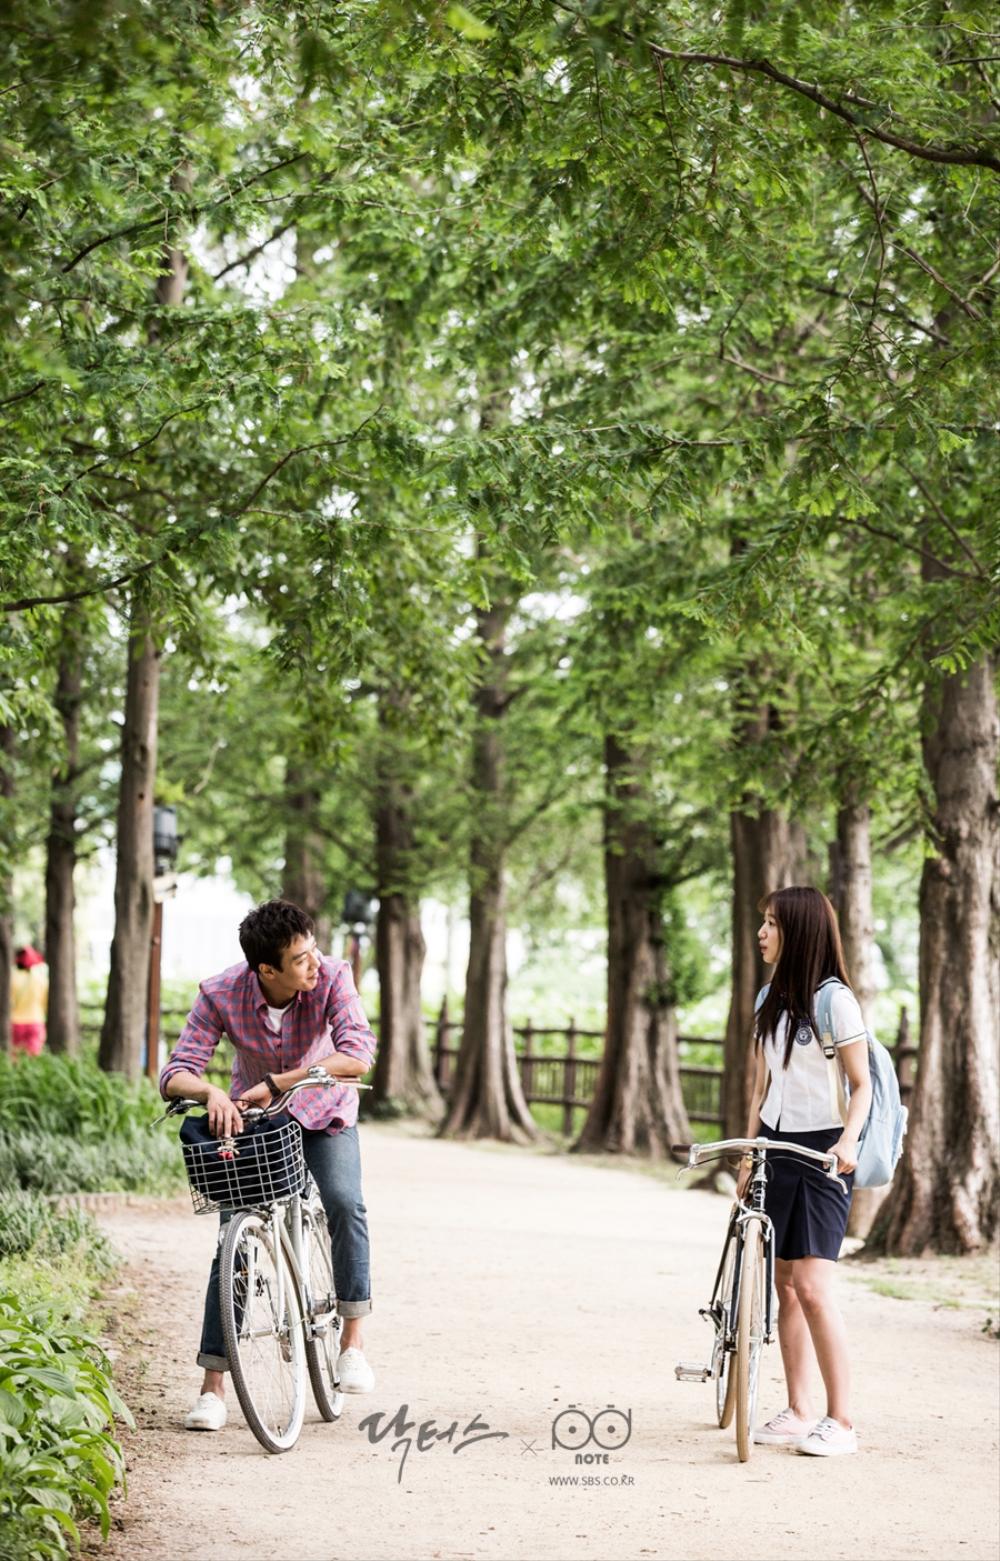 닥터스 포토스케치 호수 공원 길에서 서로 마주 보고 있는 김래원 박신혜